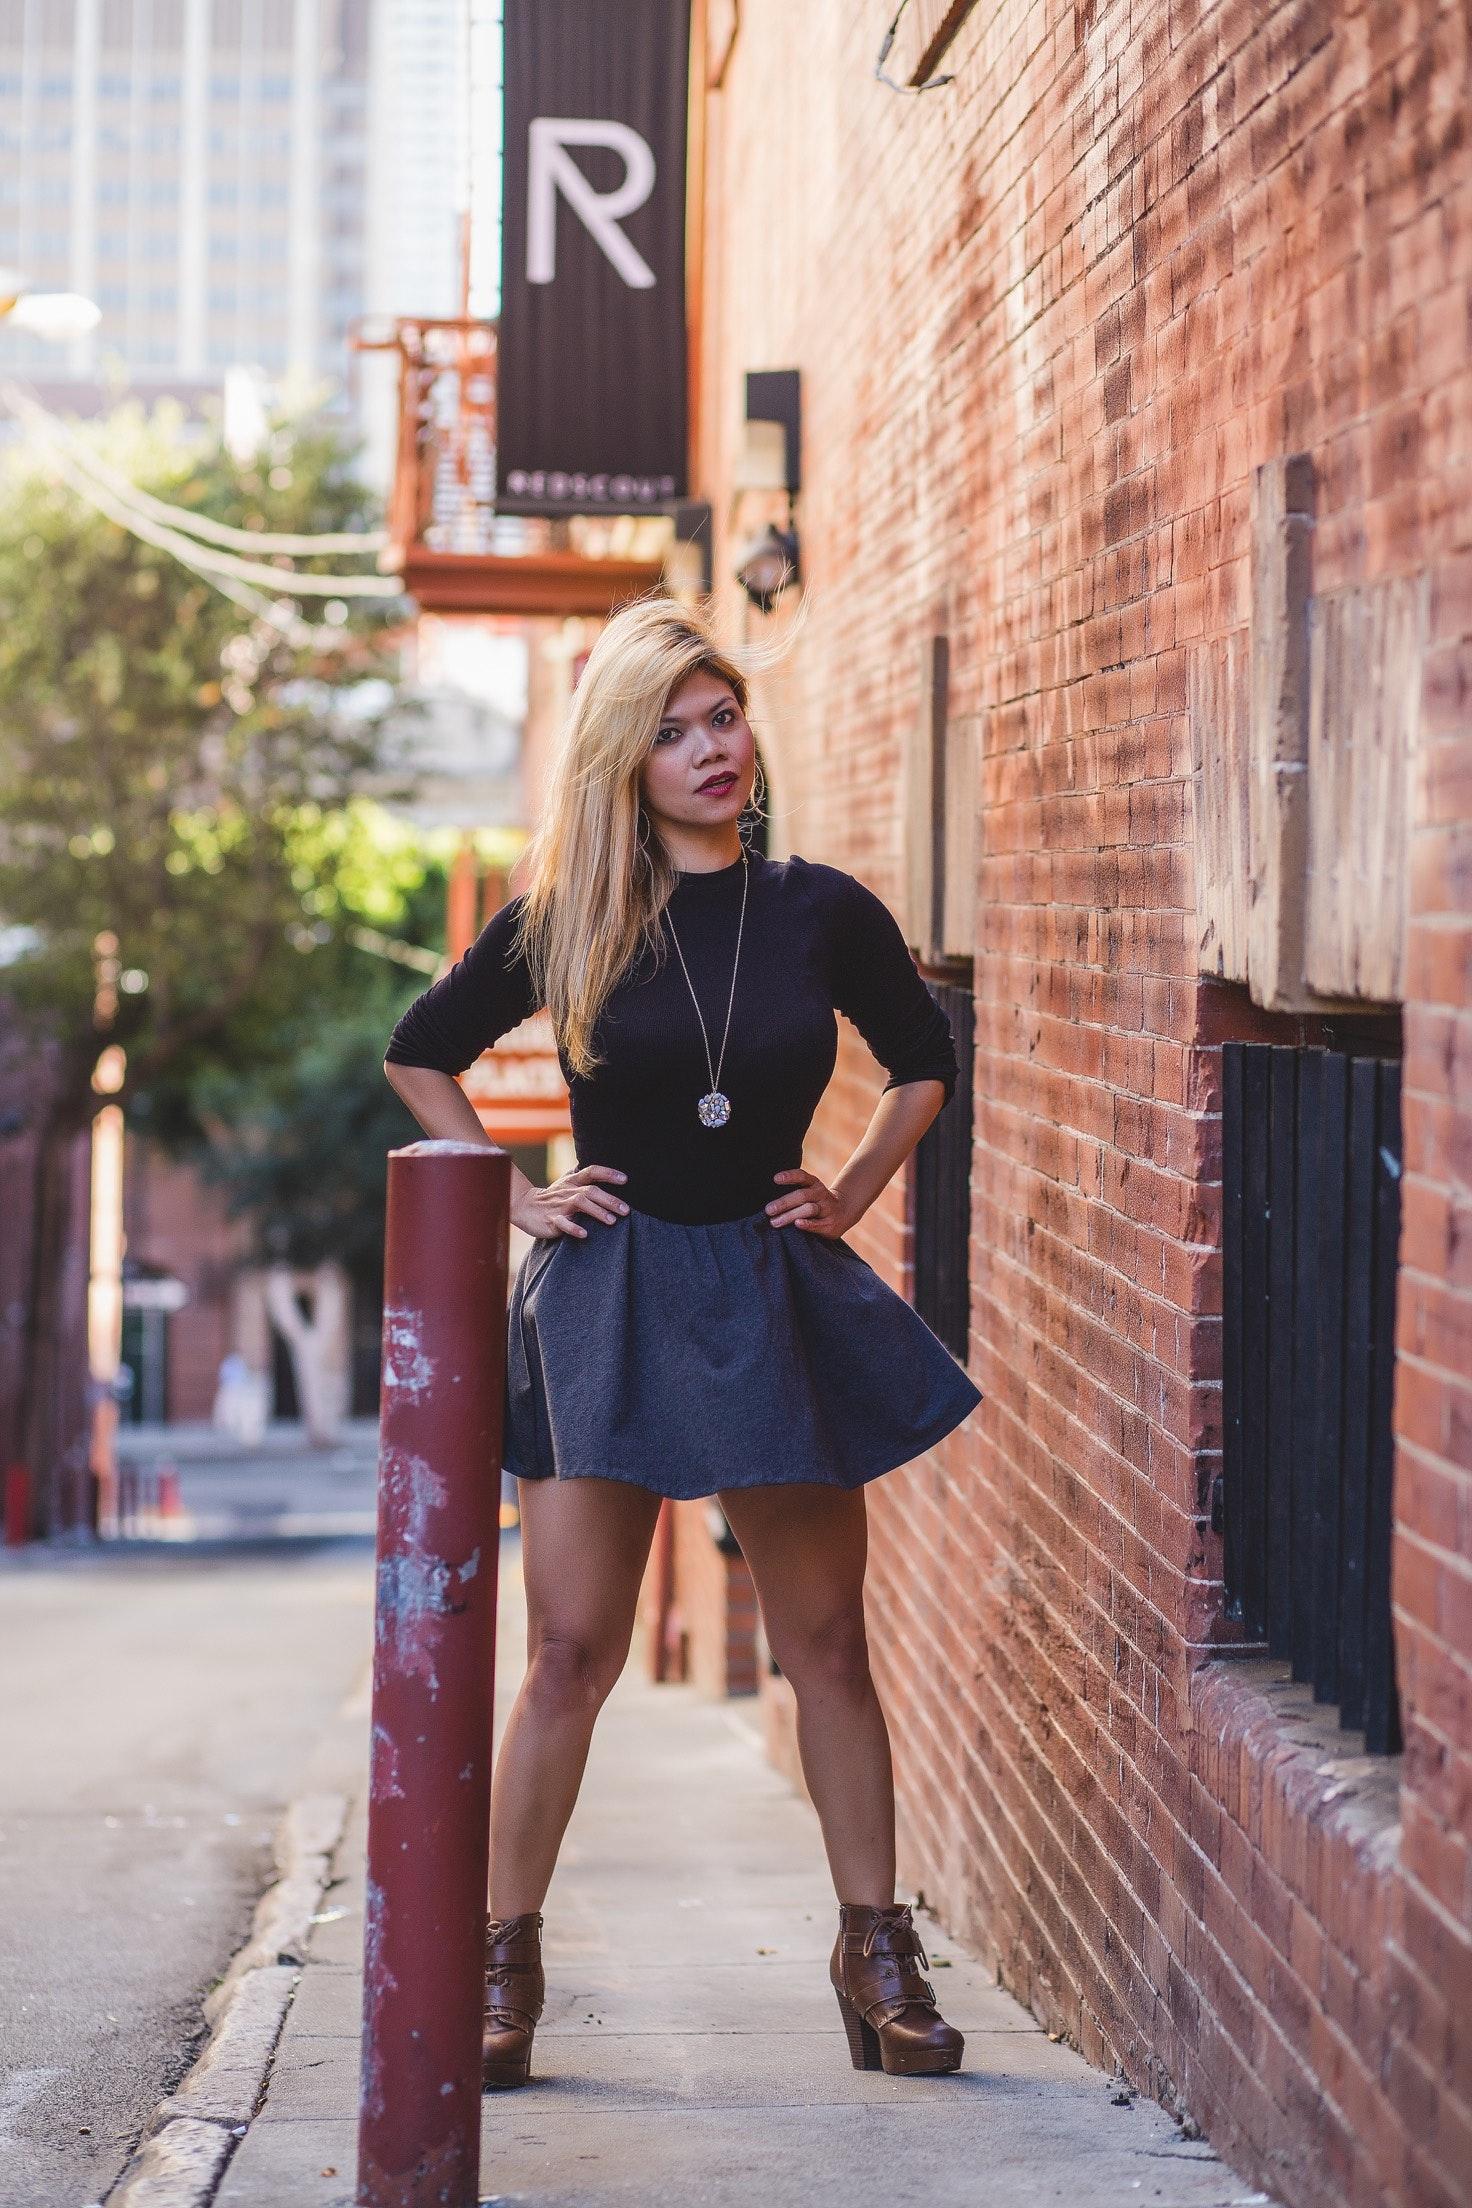 Roselle Angel's Model portfolio